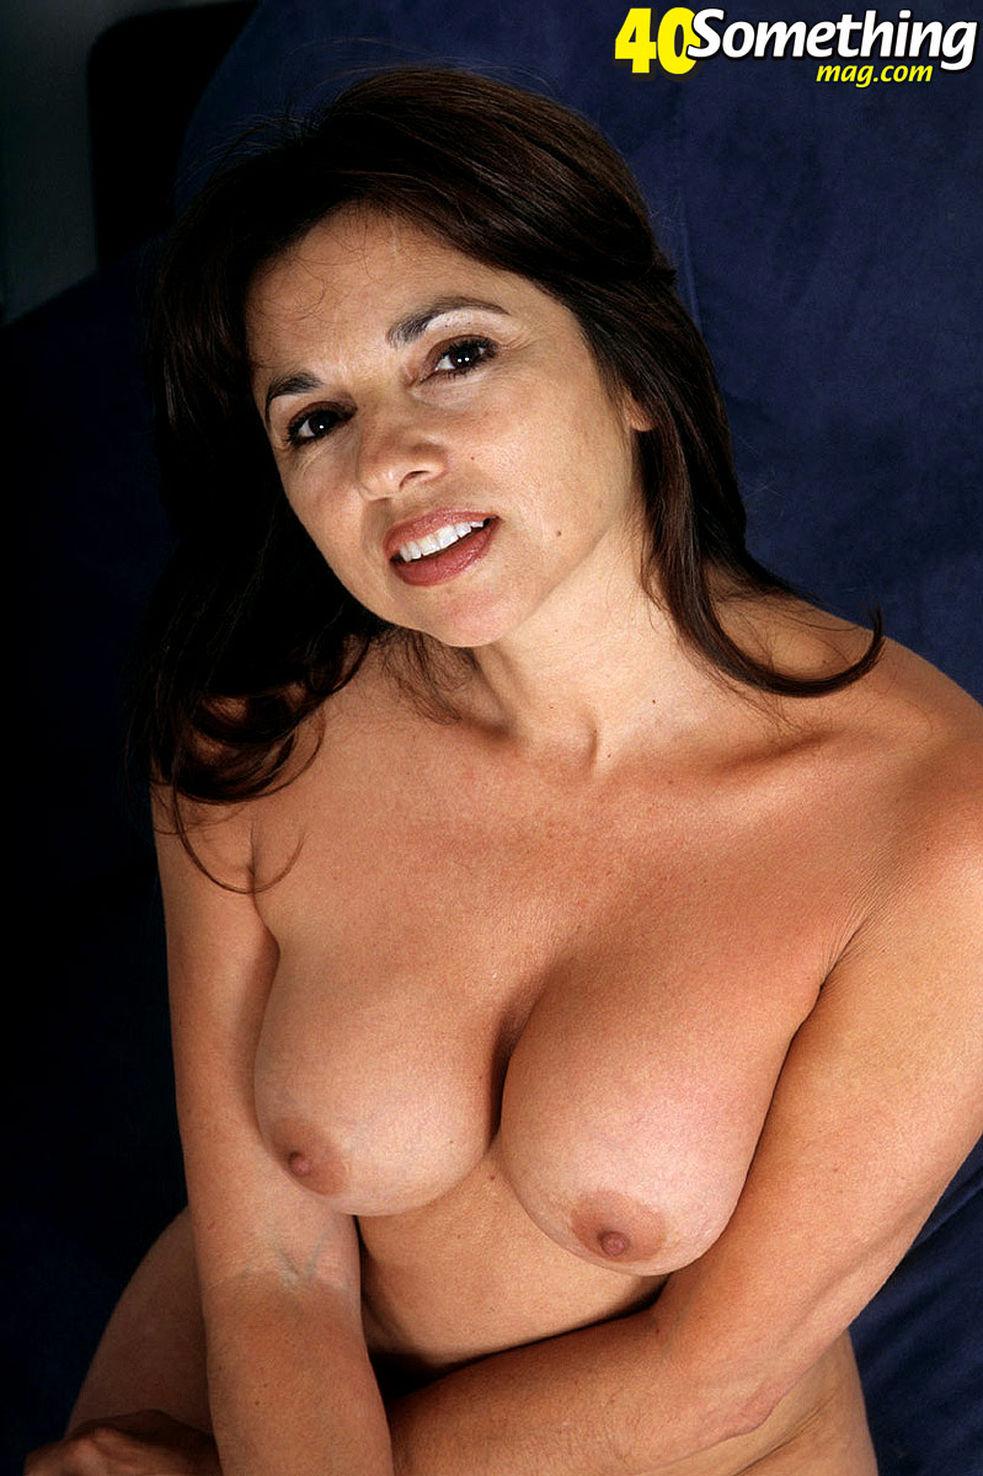 Русская 40 летняя дама порно 16 фотография